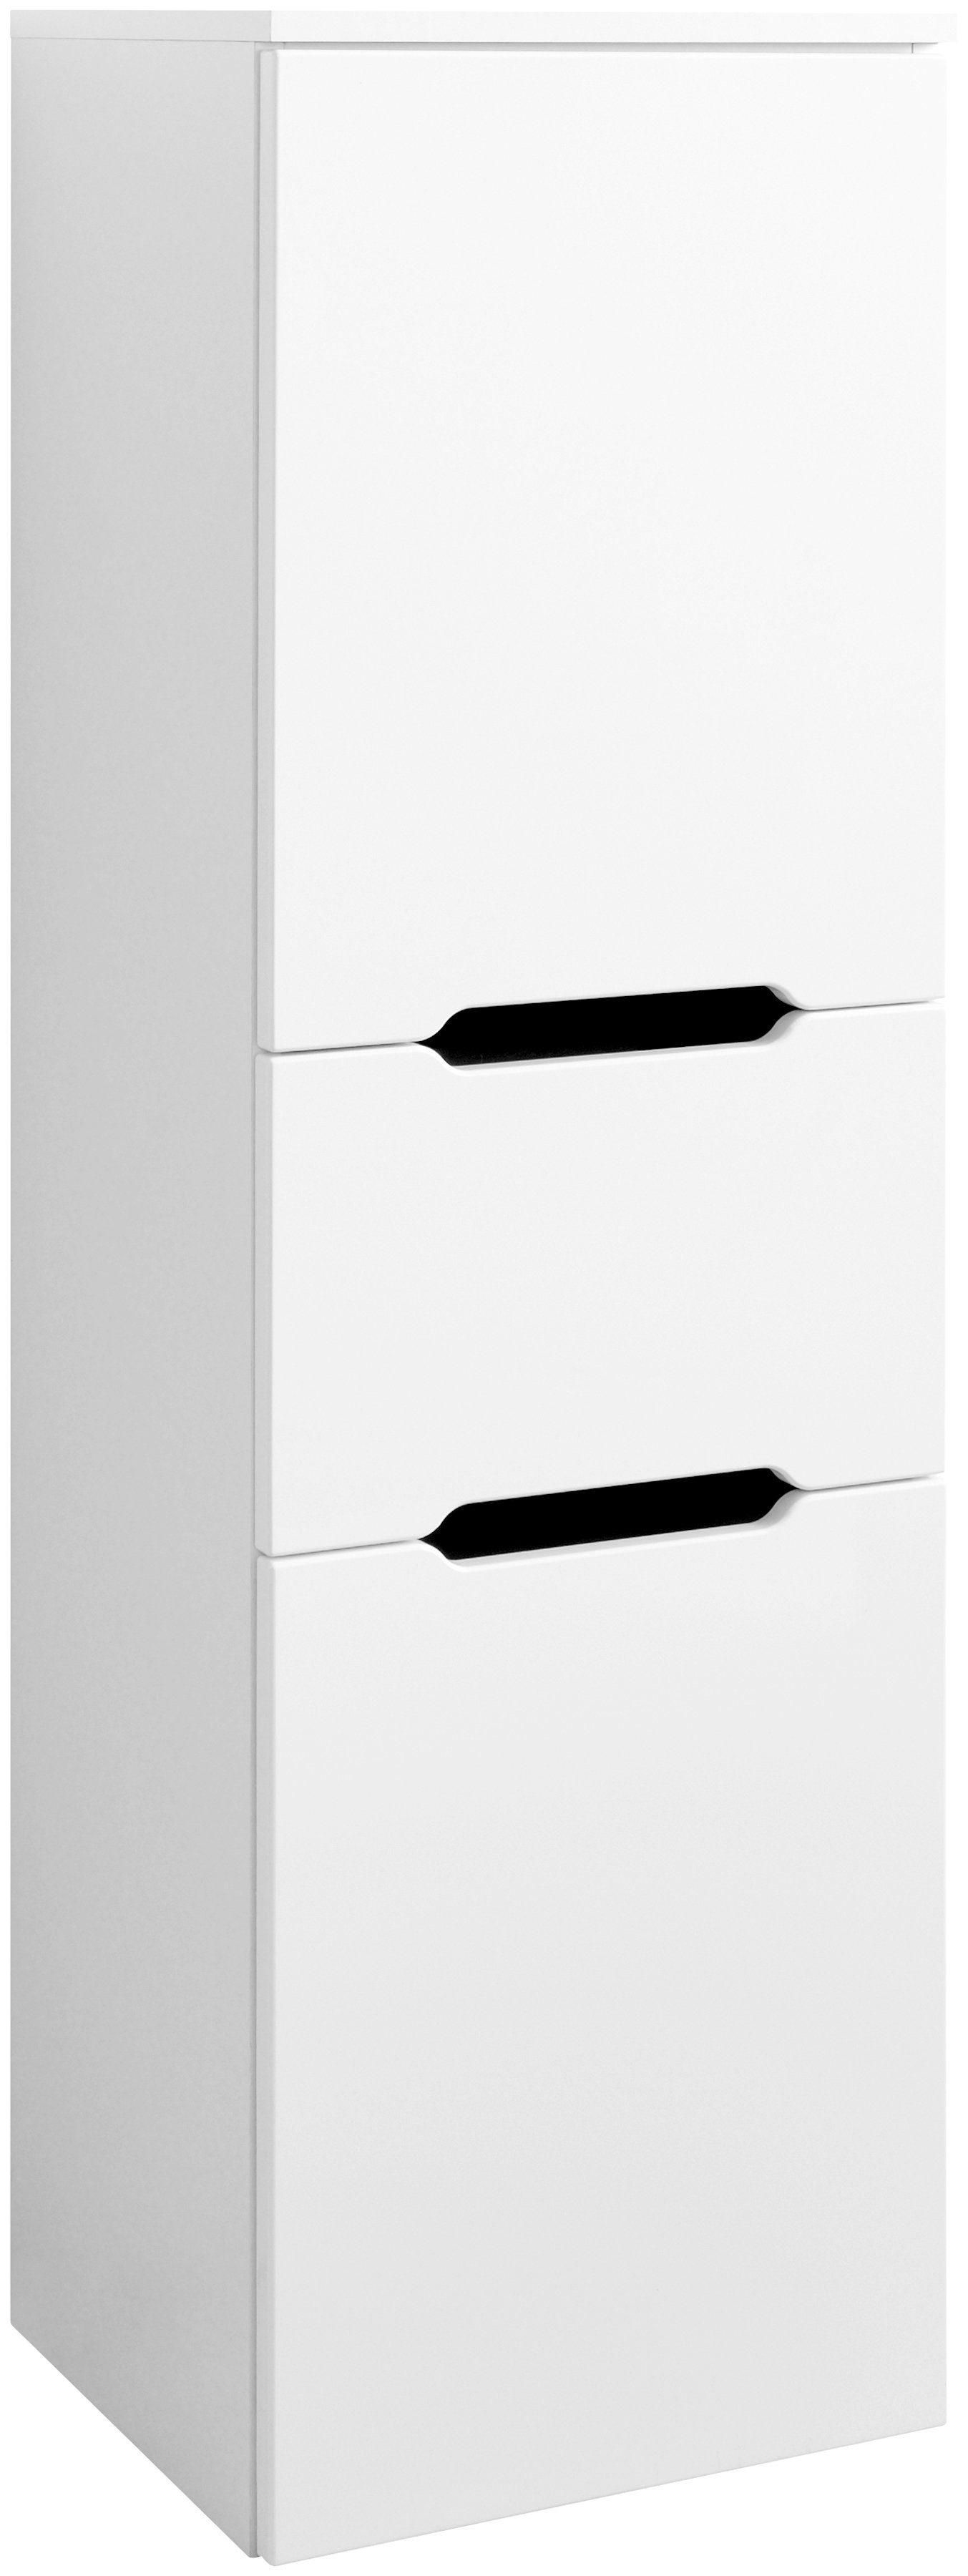 Held Möbel Midischrank »Belluno«, Breite 40 cm